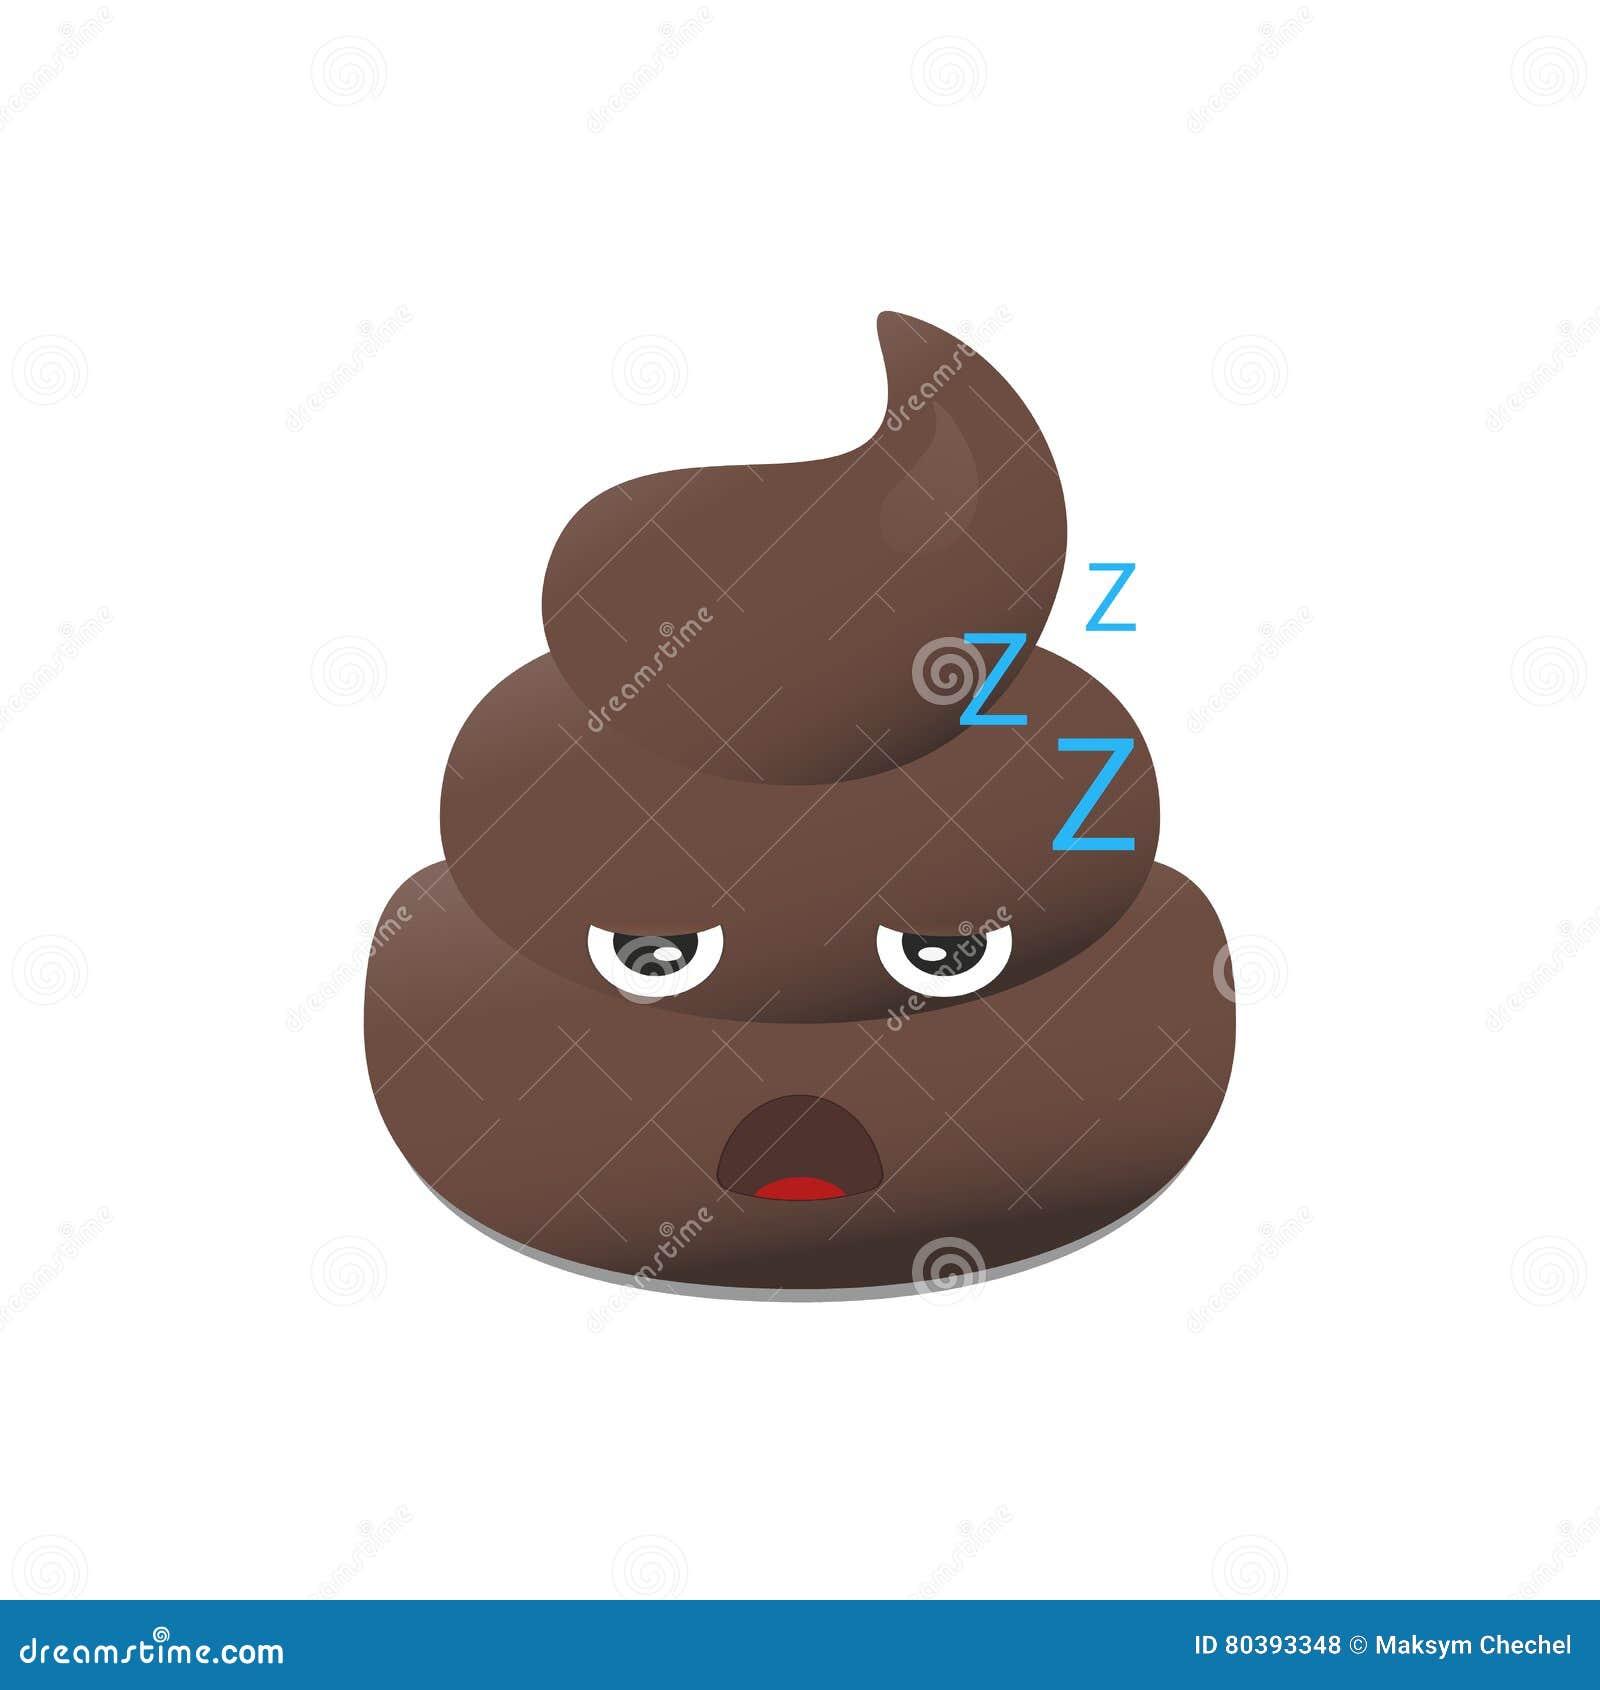 Gówna emoji Poo emoticon Kaku twarz odizolowywająca